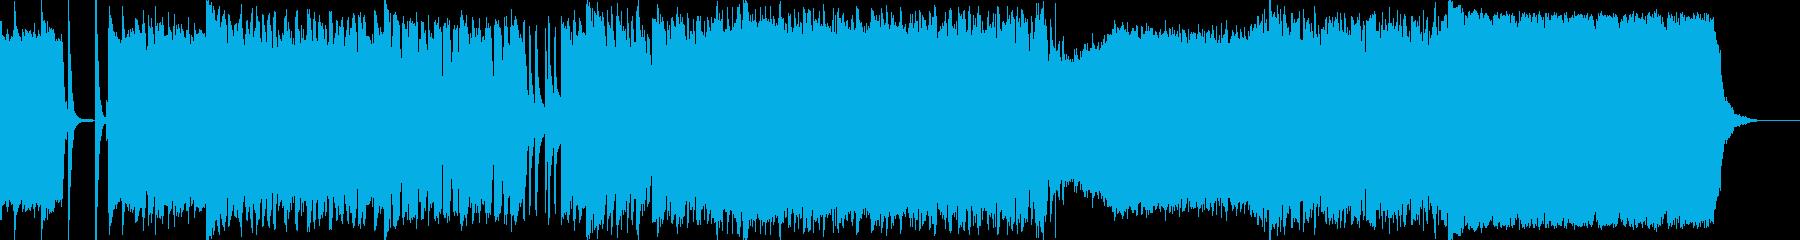 次々と展開する激しいギターロックの再生済みの波形